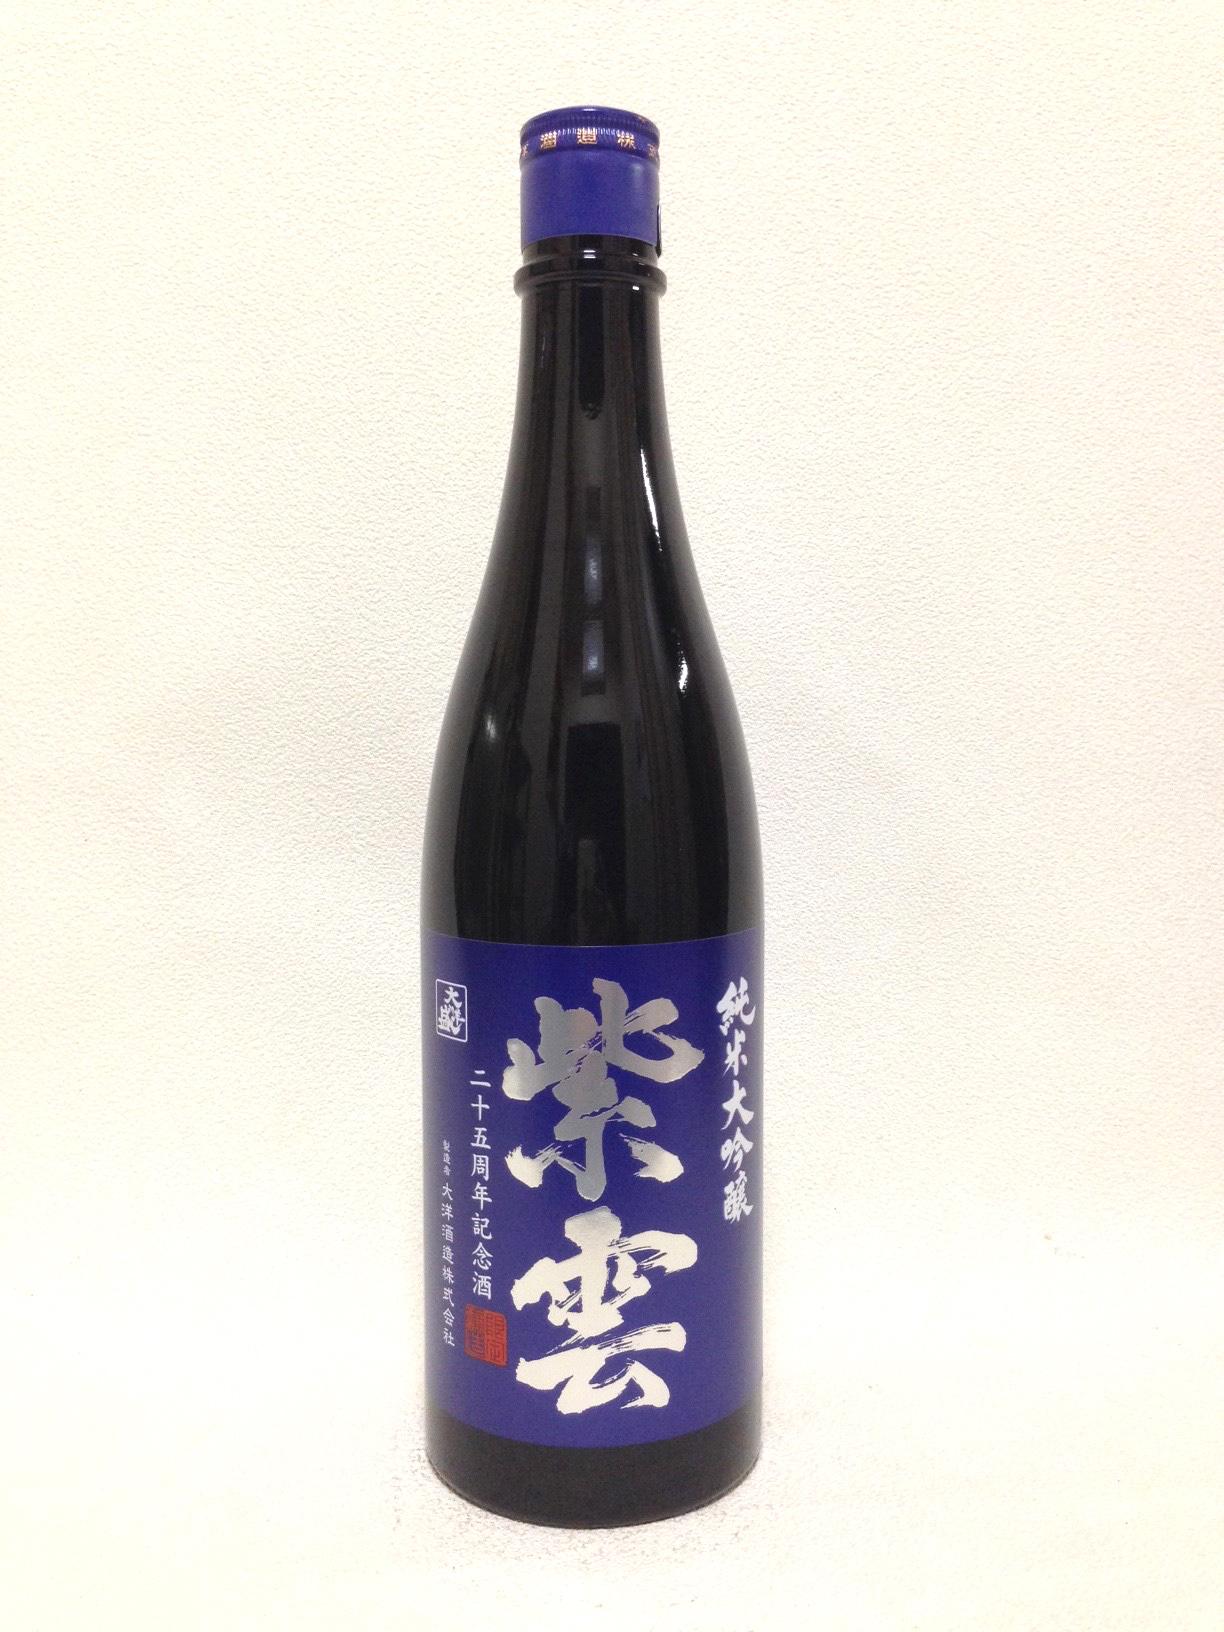 大洋盛 紫雲 25周年記念 純米大吟醸 720ml